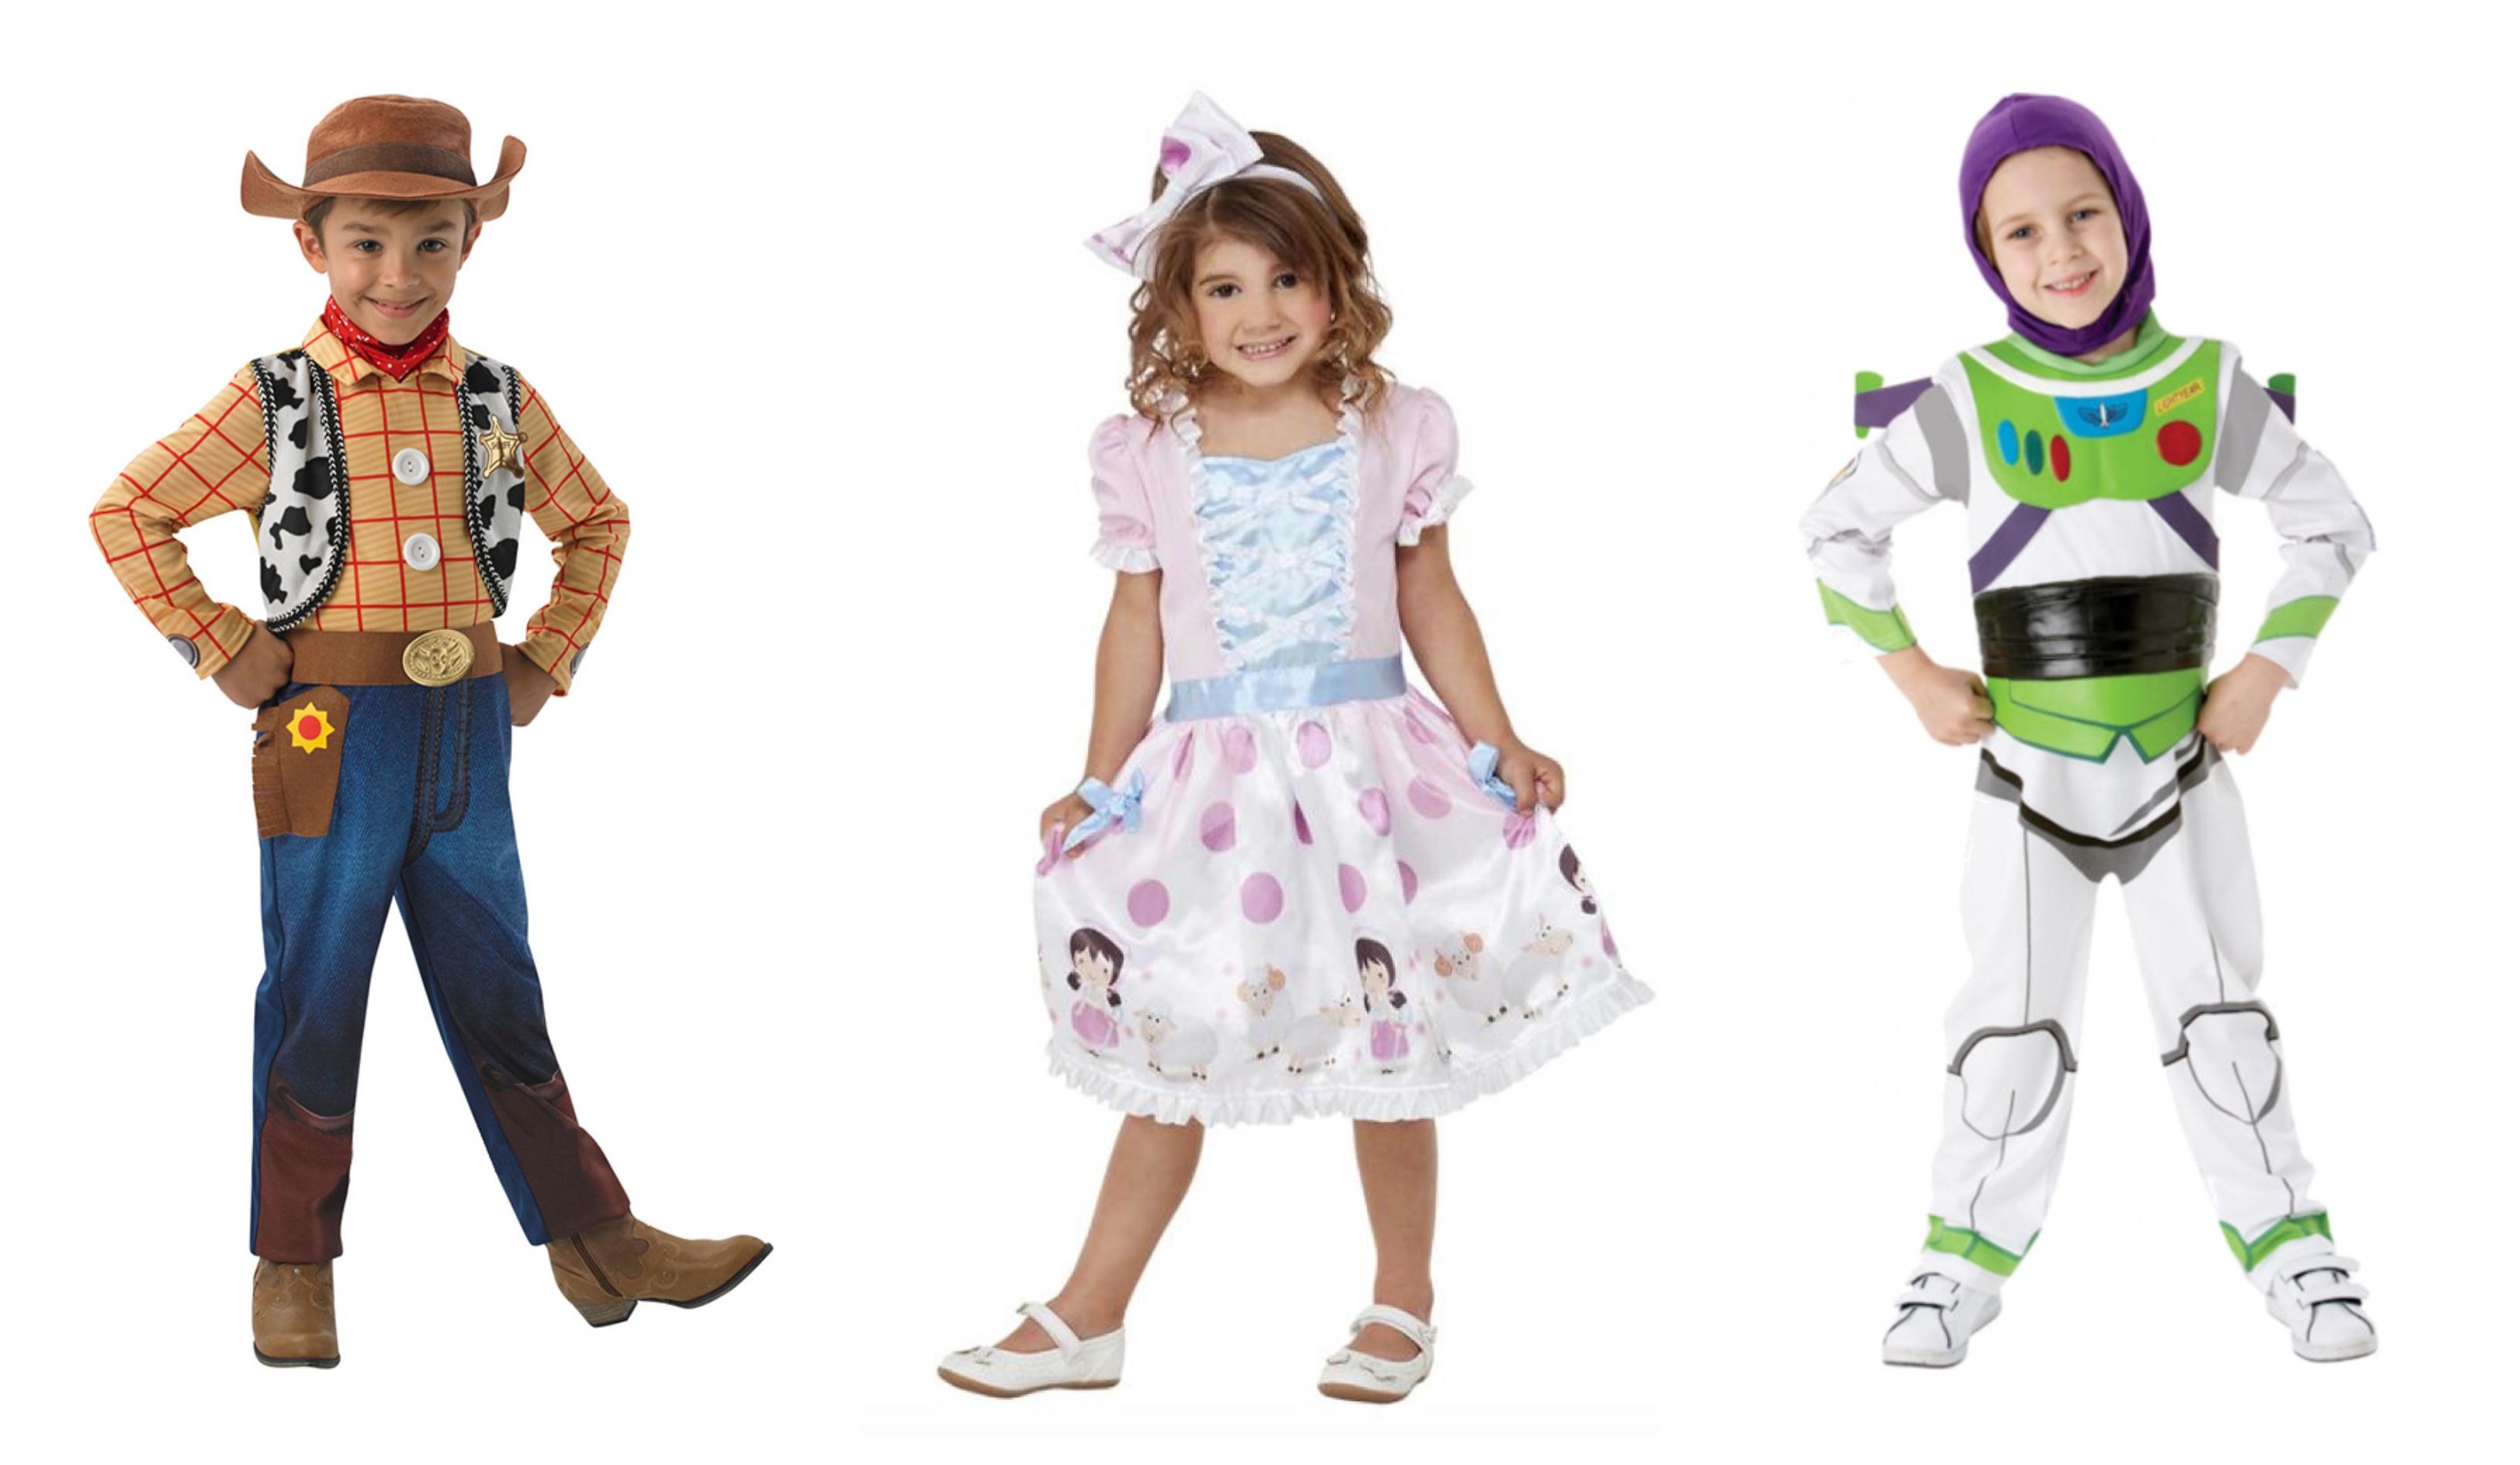 toy story børnekostumer, toy story kostume til børn, toy story udklædning til børn, alletiders disney, disney kostume til børn, disney børnekostumer